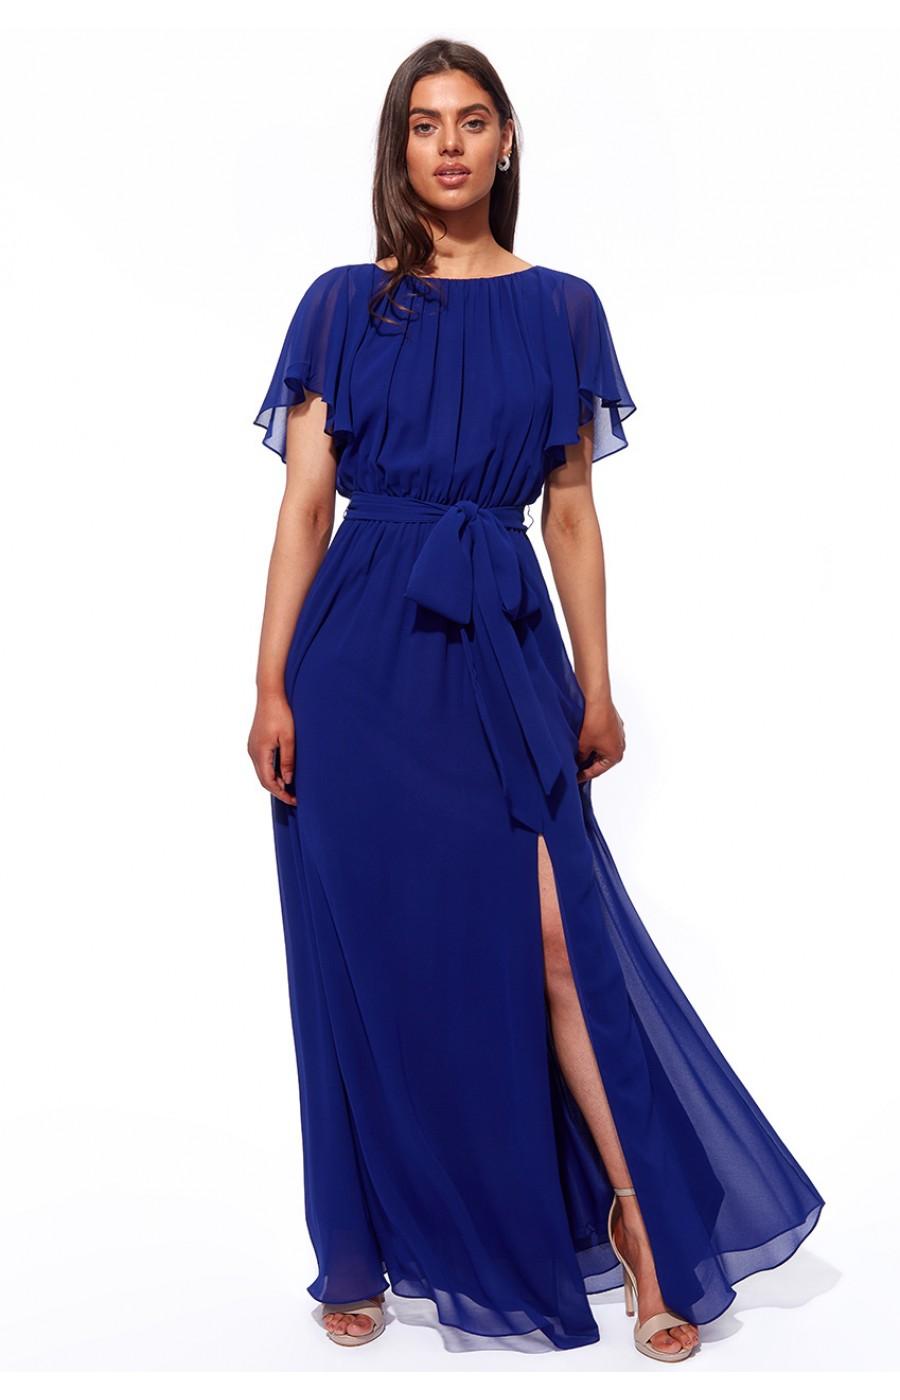 Μακρύ μπλέ σιφον φόρεμα με ανοικτή πλάτη